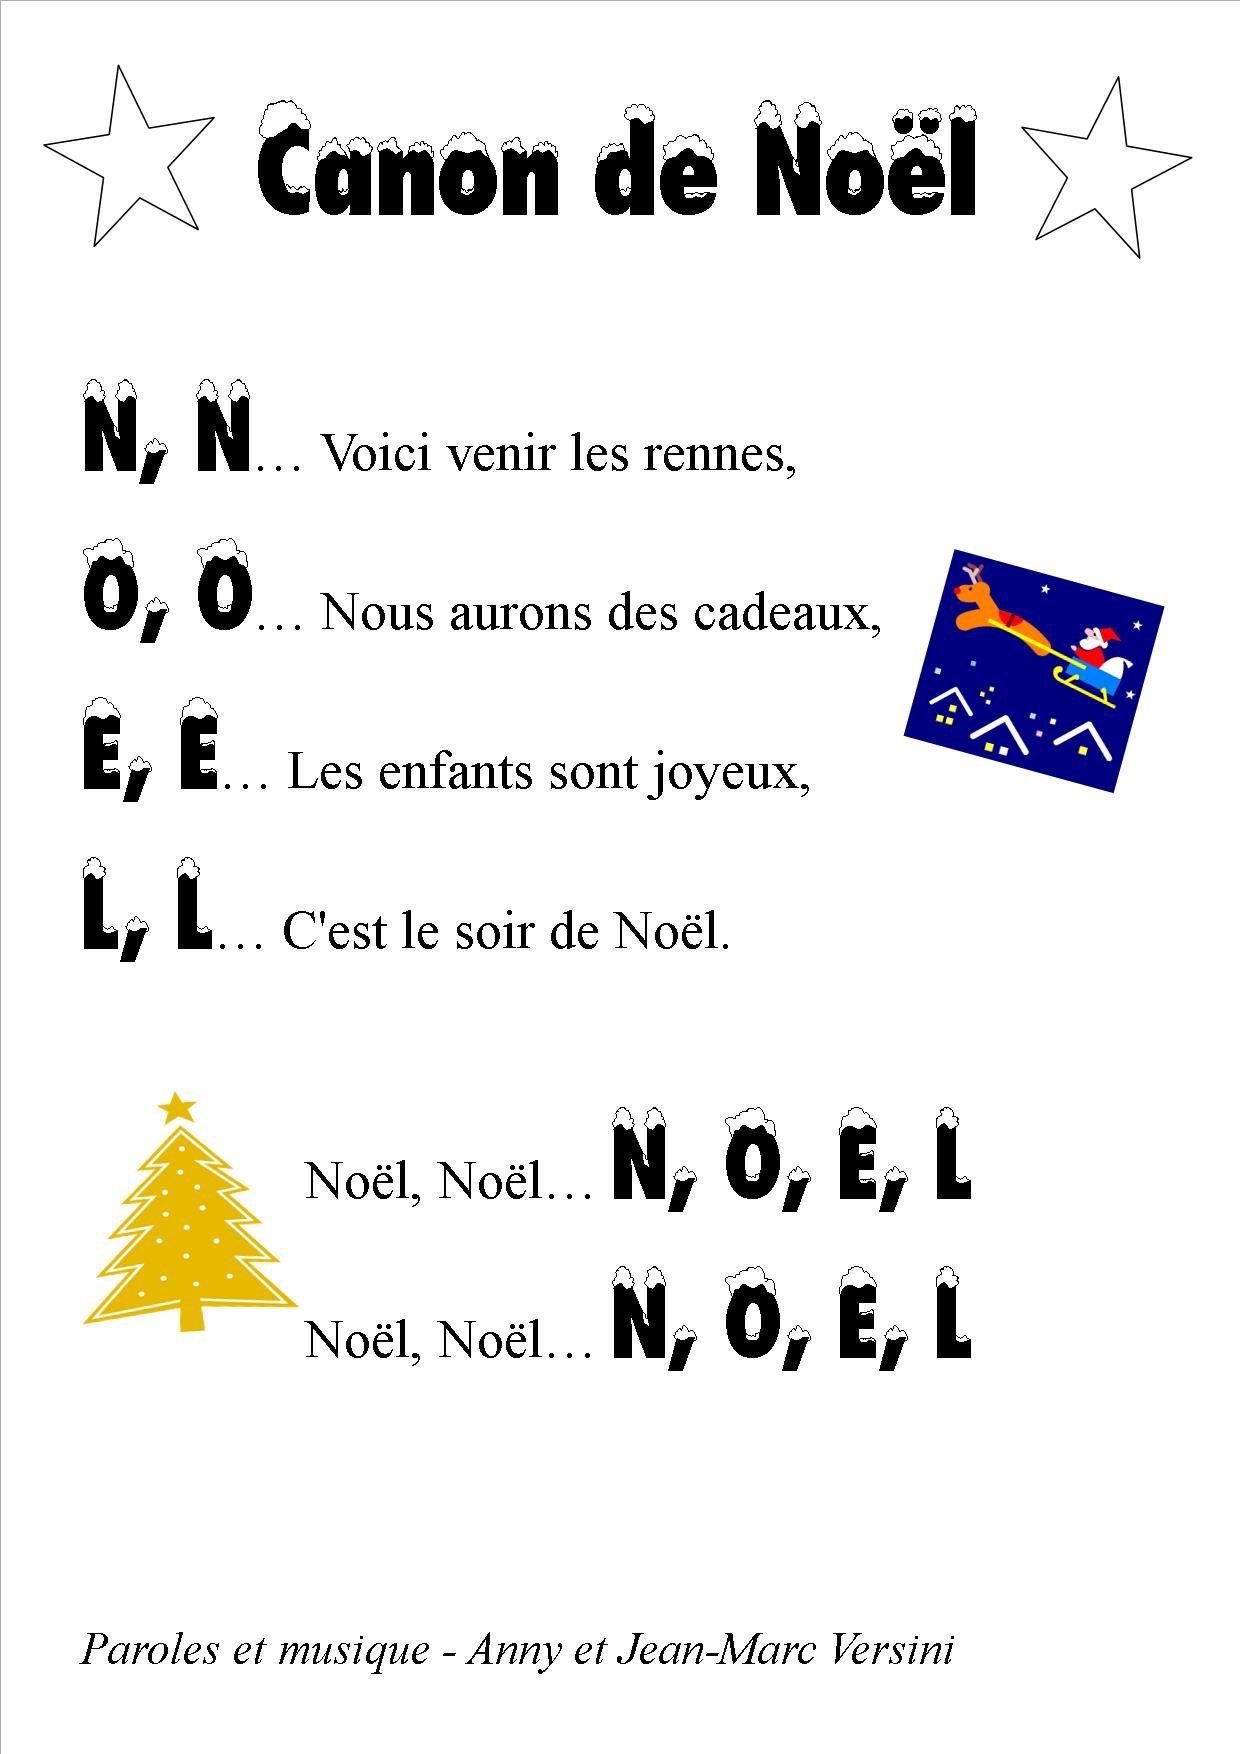 """Résultat de recherche d'images pour """"canon de NOël"""""""